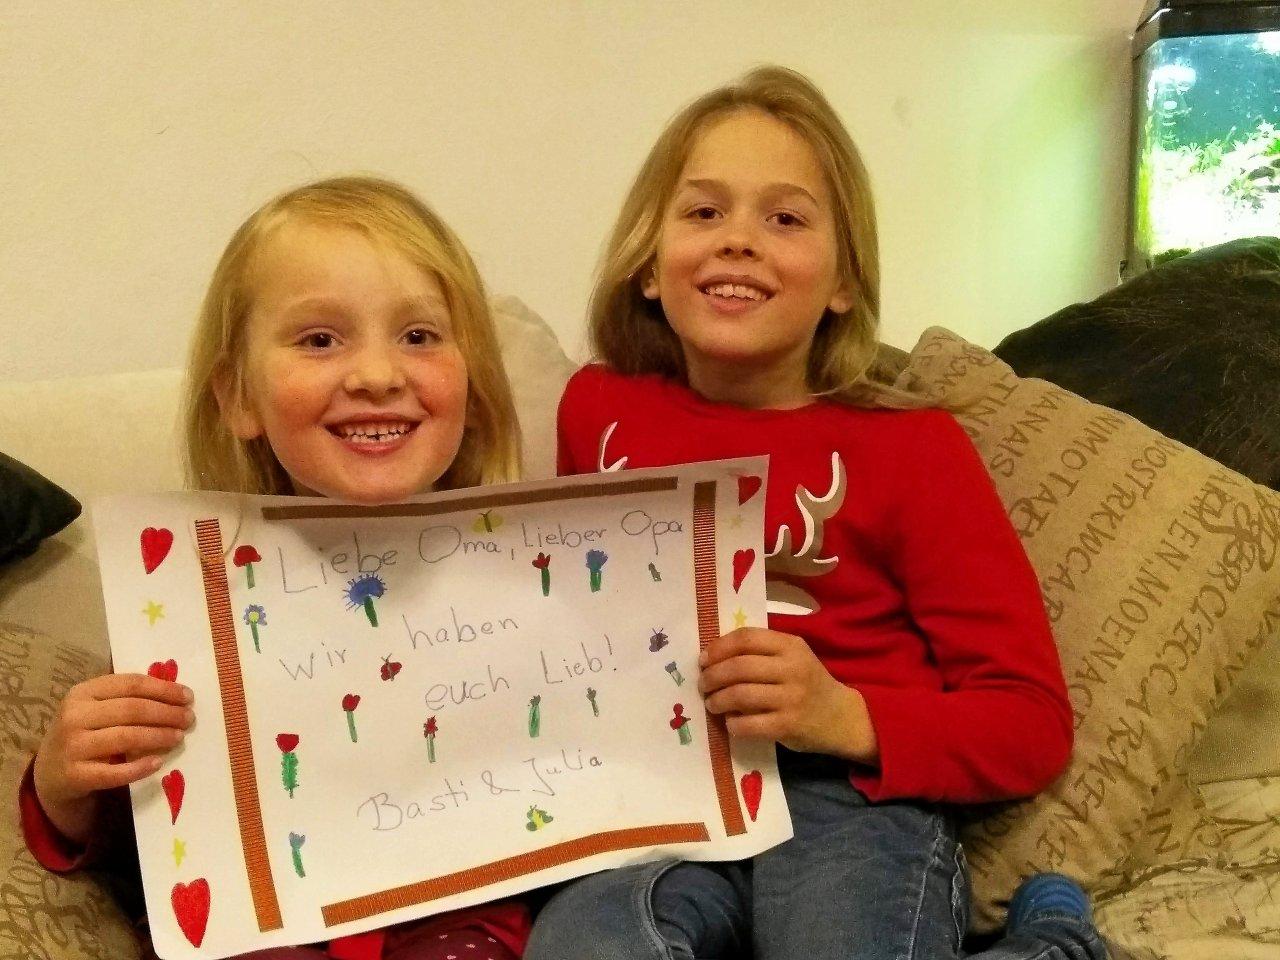 """""""Wir haben euch lieb!"""": Viele Grüße senden Julia (6) und Basti (9) Benz aus Lichtenrade an ihre Großeltern Gabriela und Michael Jaeschke nach Buckow."""